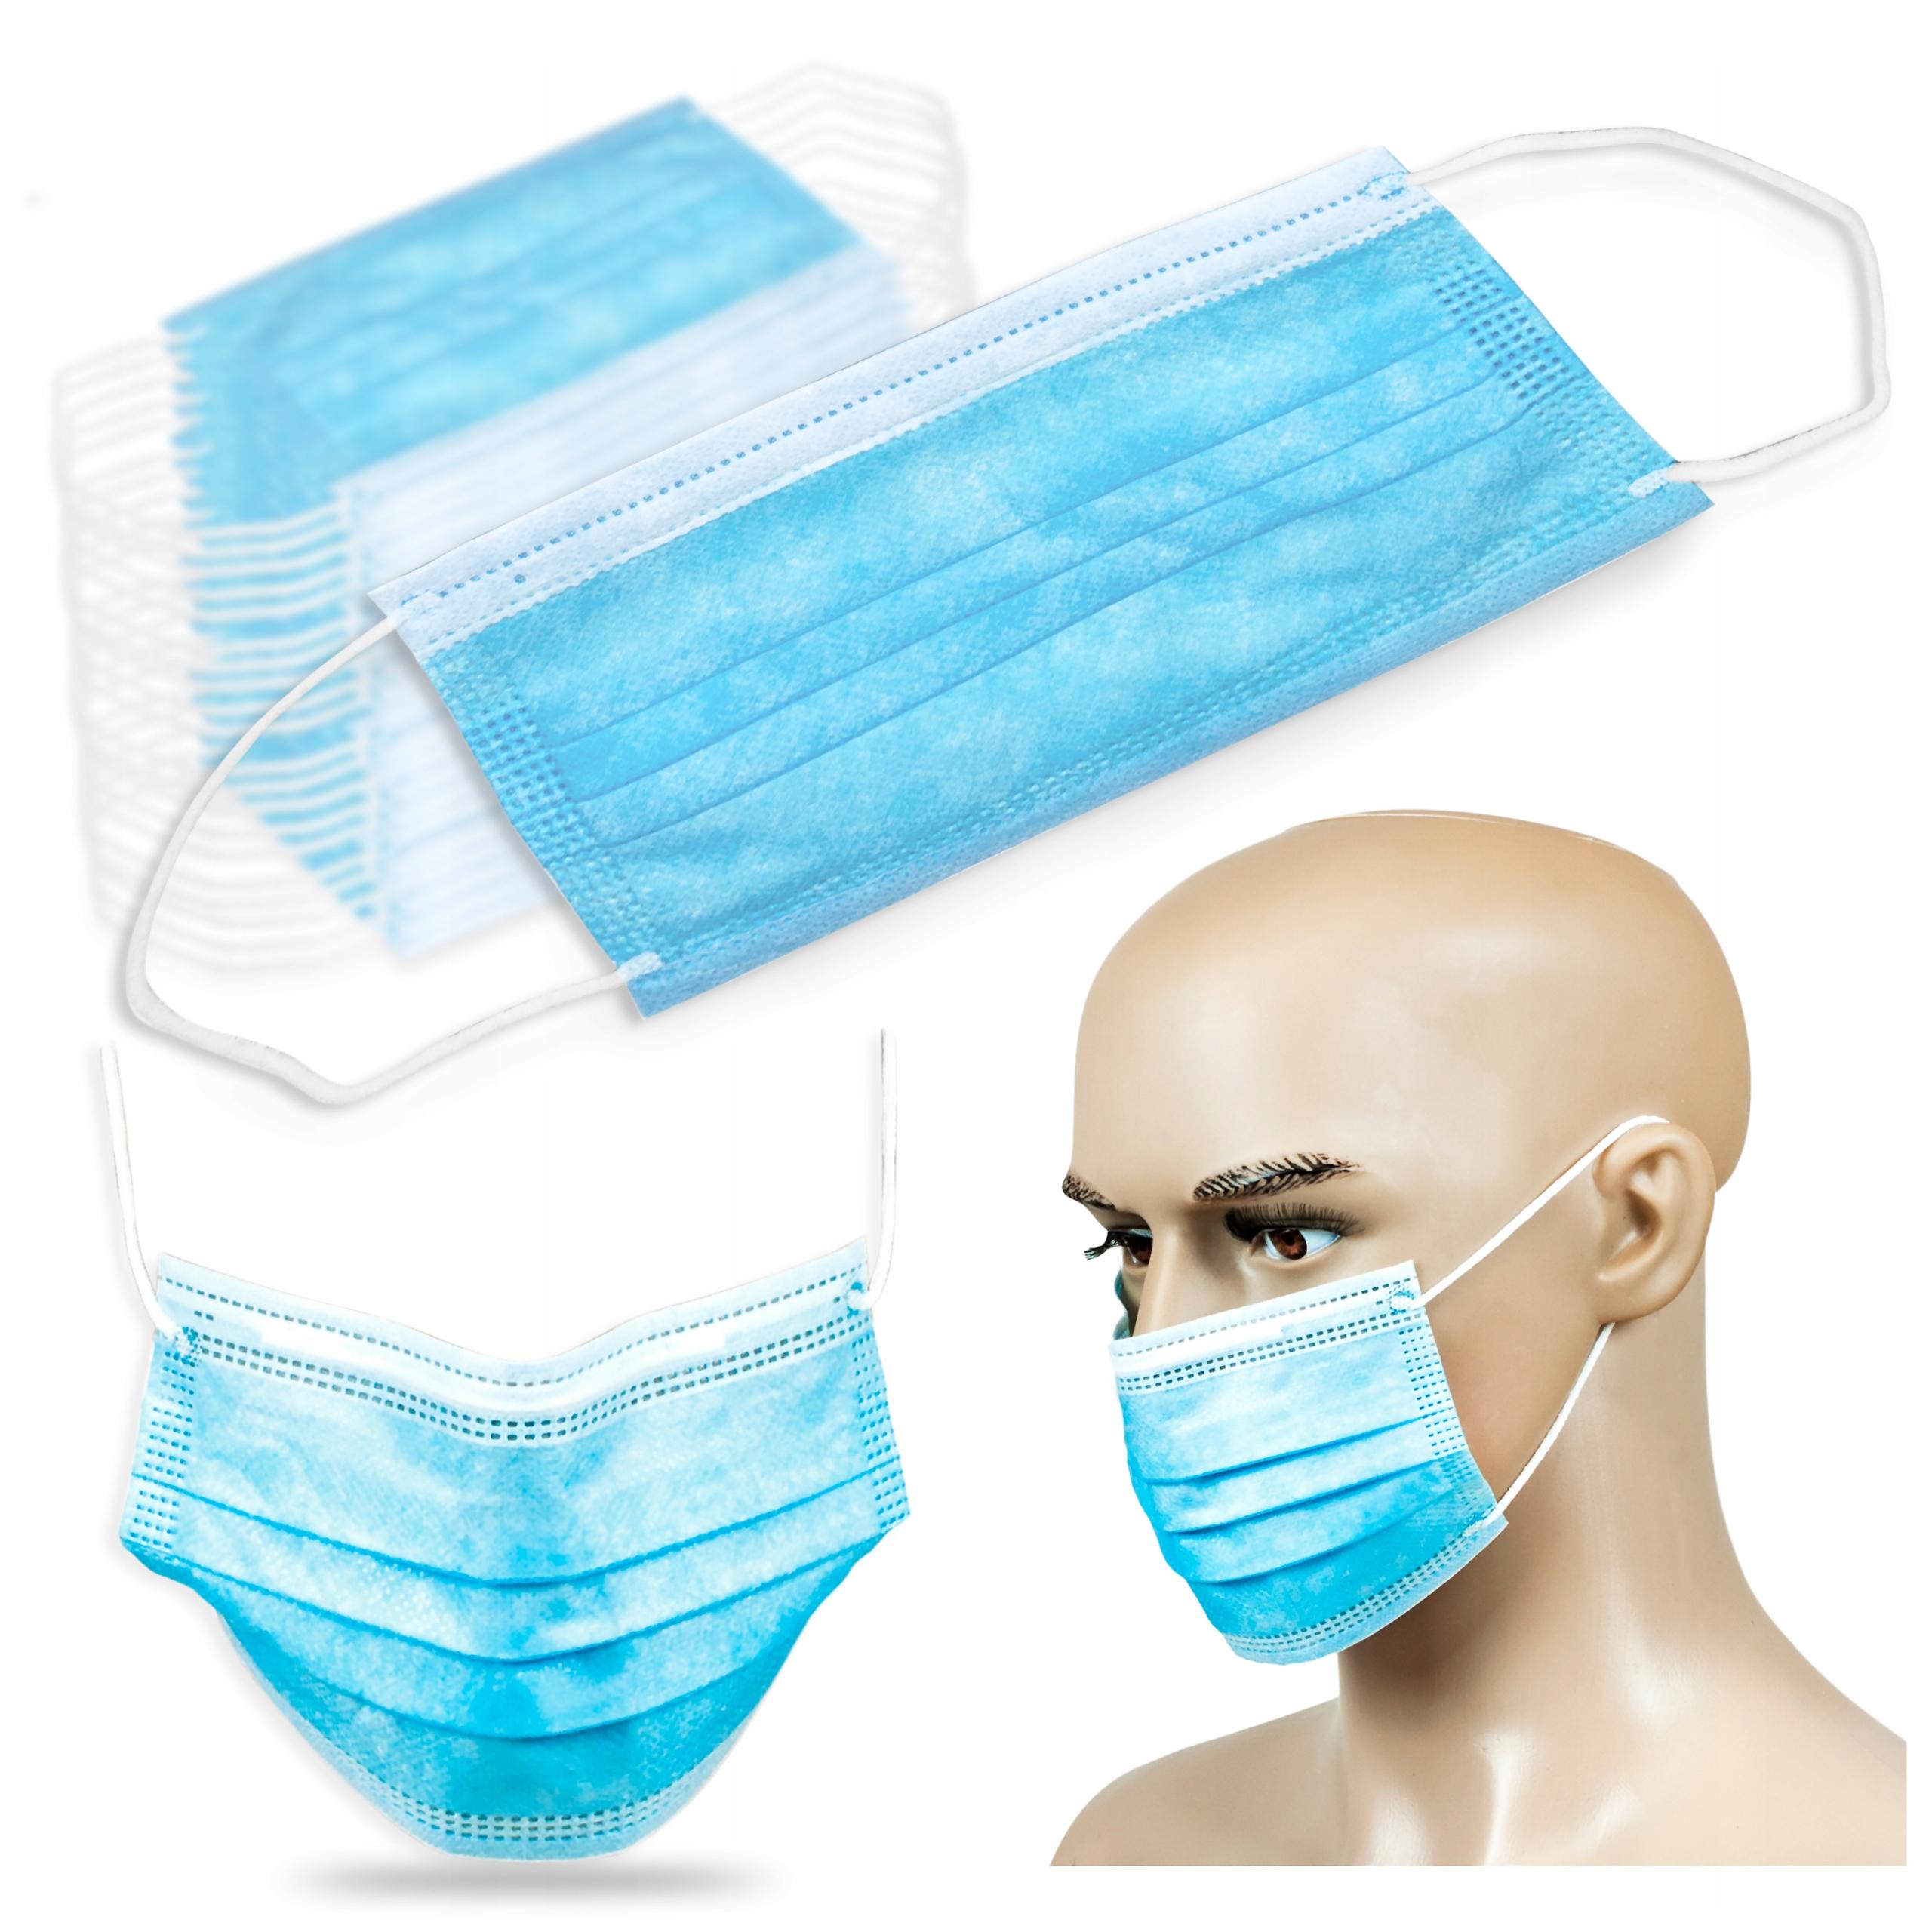 МАСКА для лица маска ЗАЩИТНАЯ для лица 3 многослойное 50шт